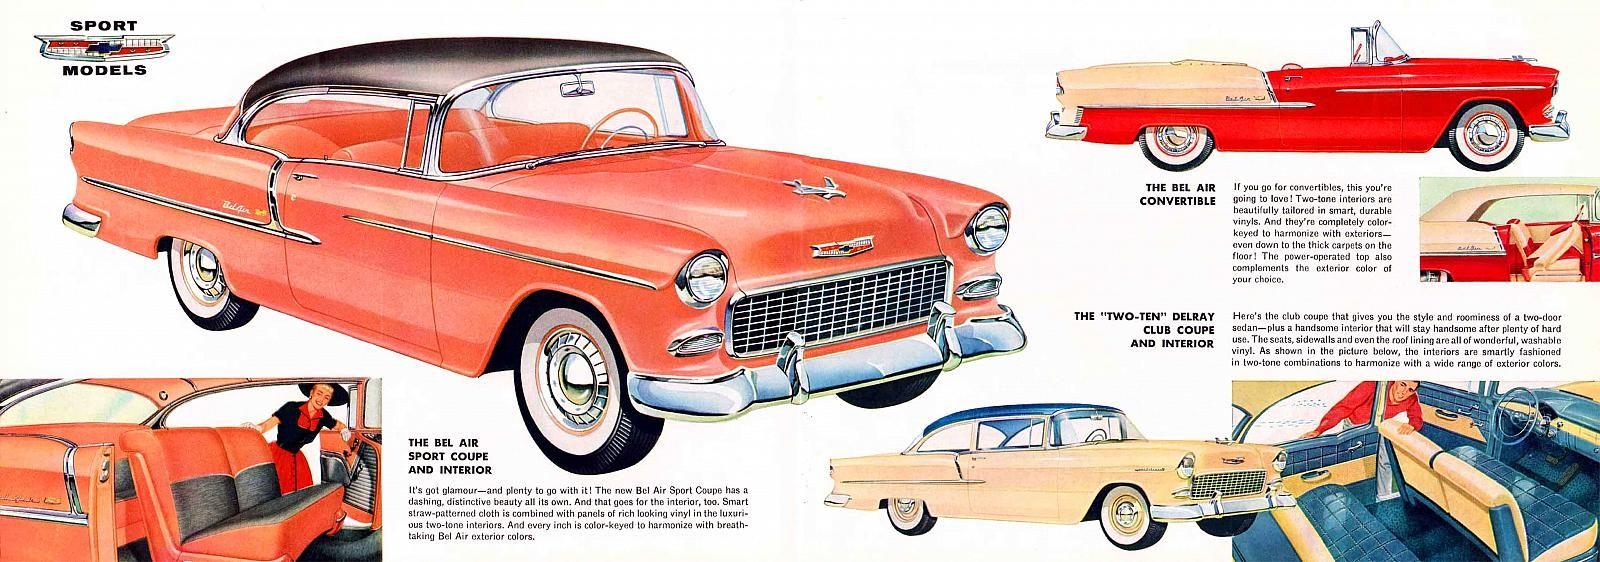 1955 Chevrolet Full Line B 06 07 1955 Chevrolet Chevrolet Chevy Models